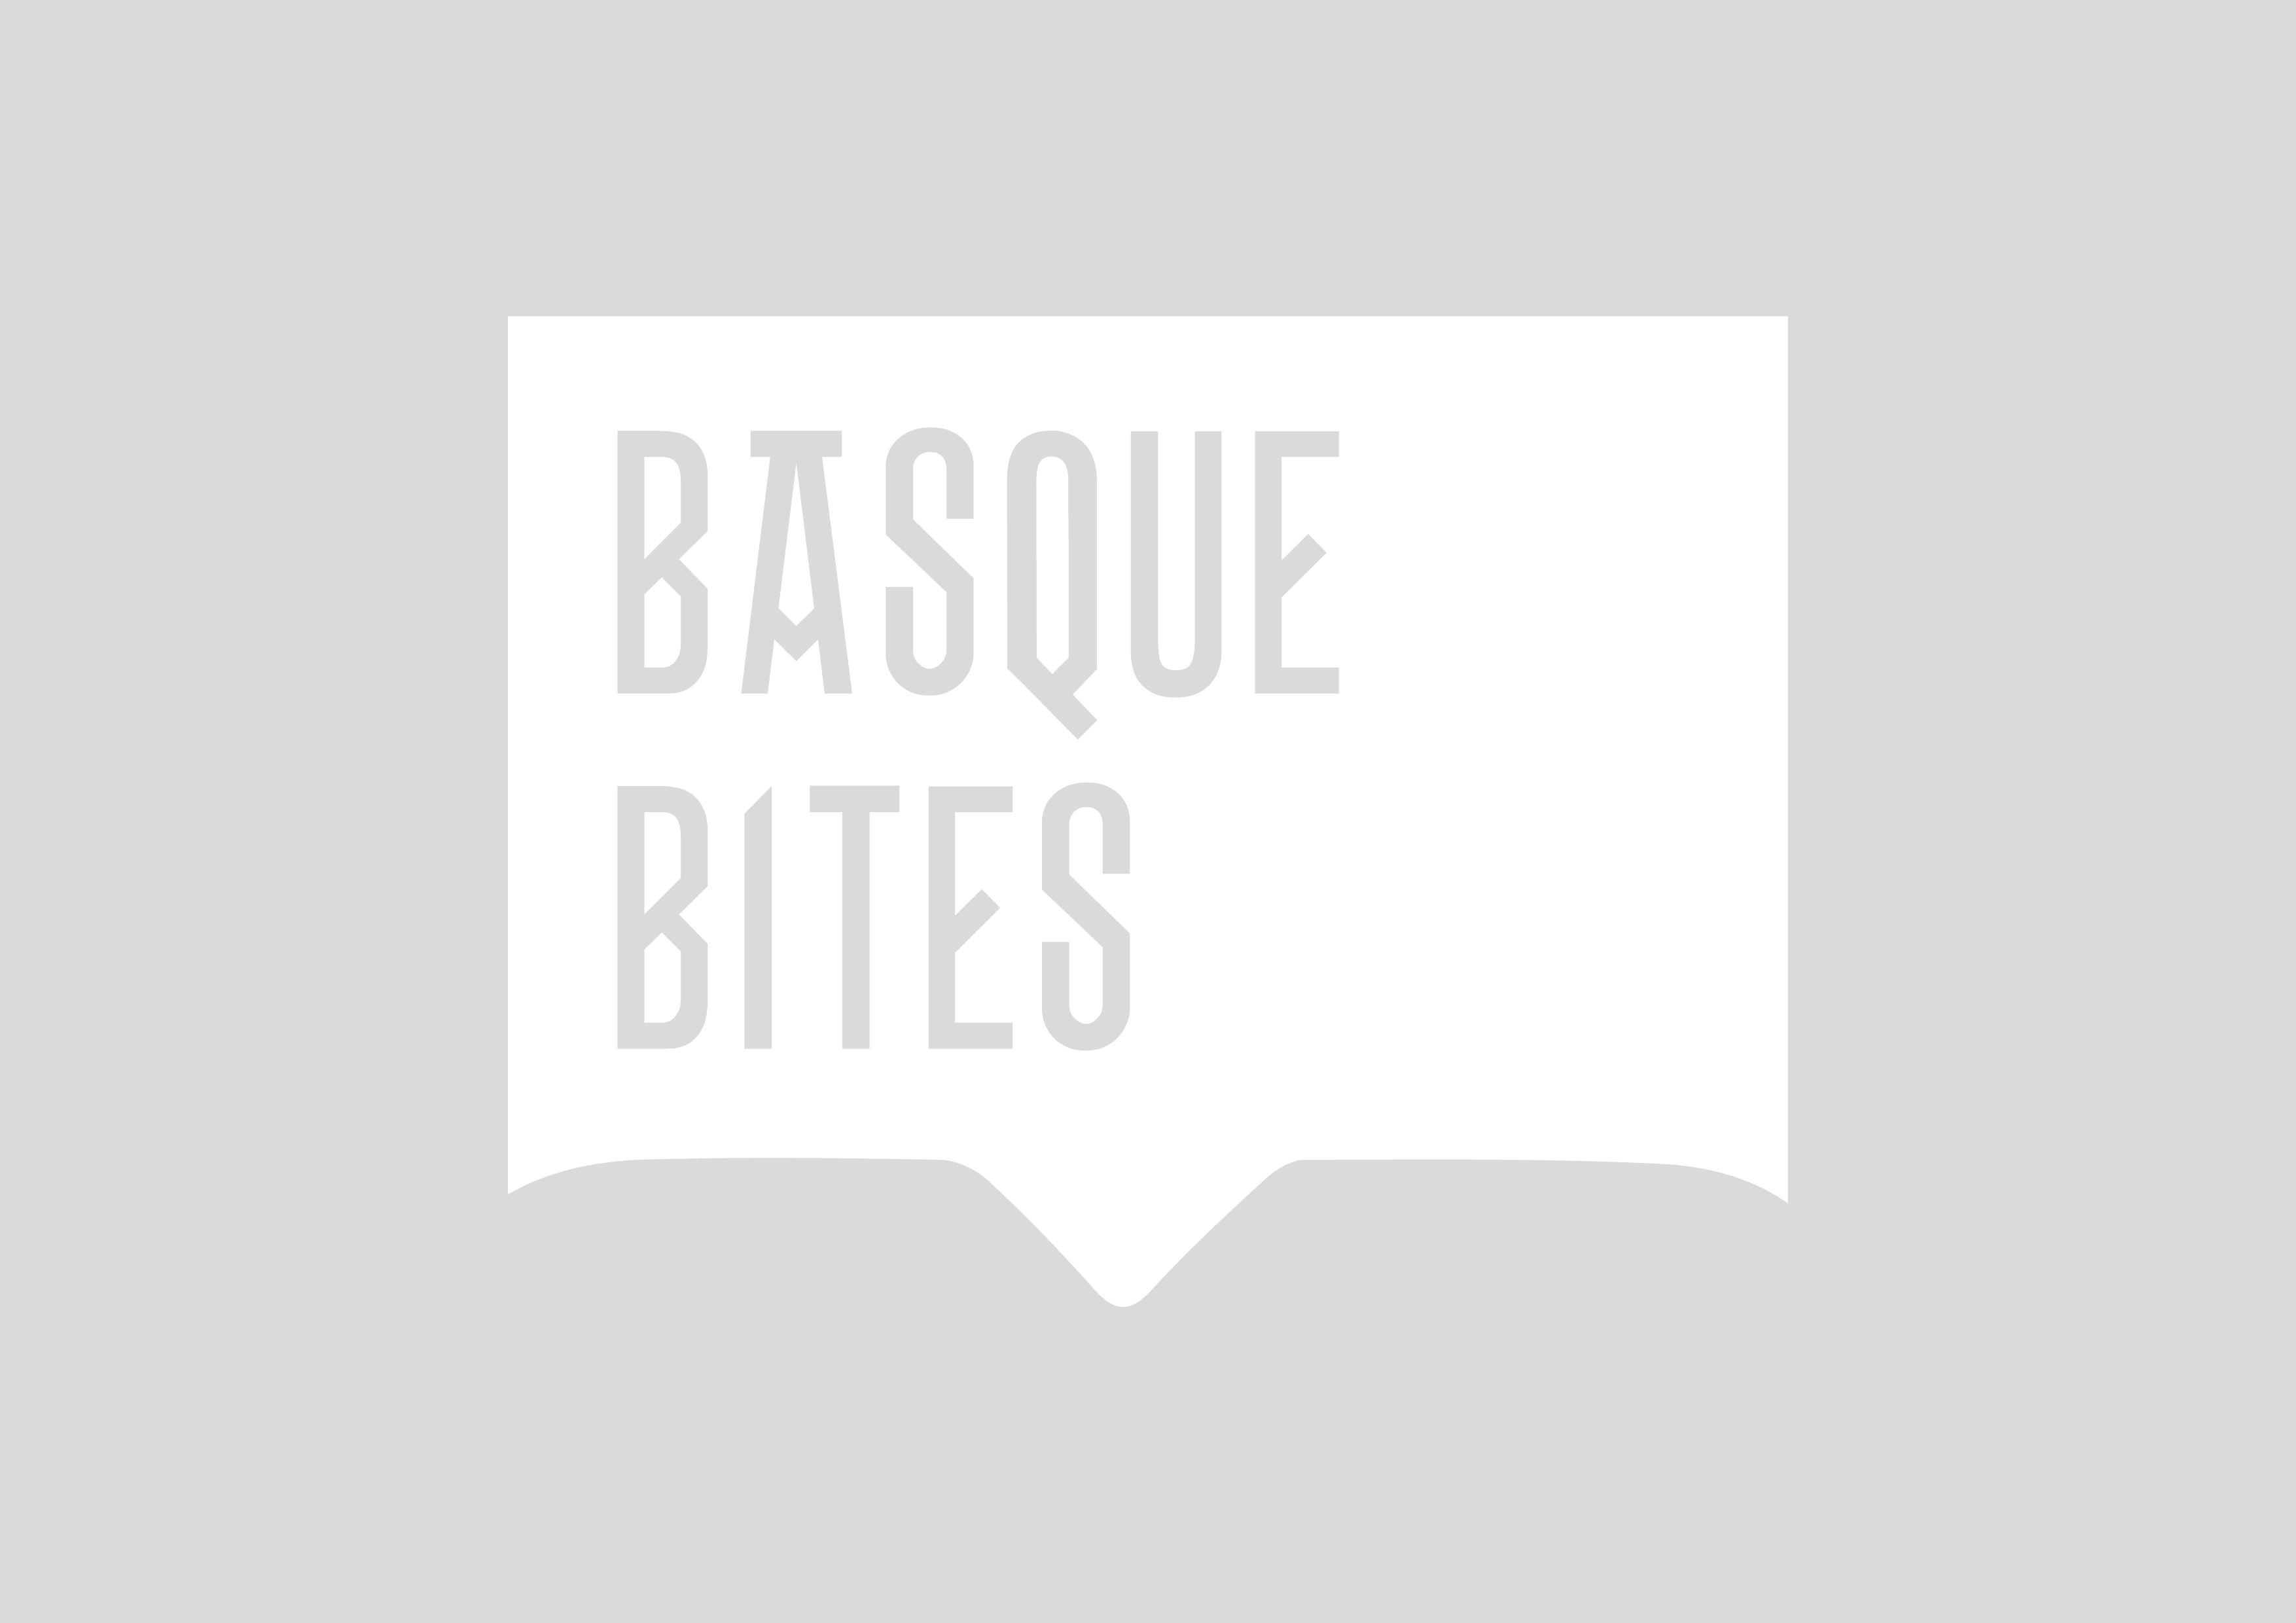 BASQUE BITES